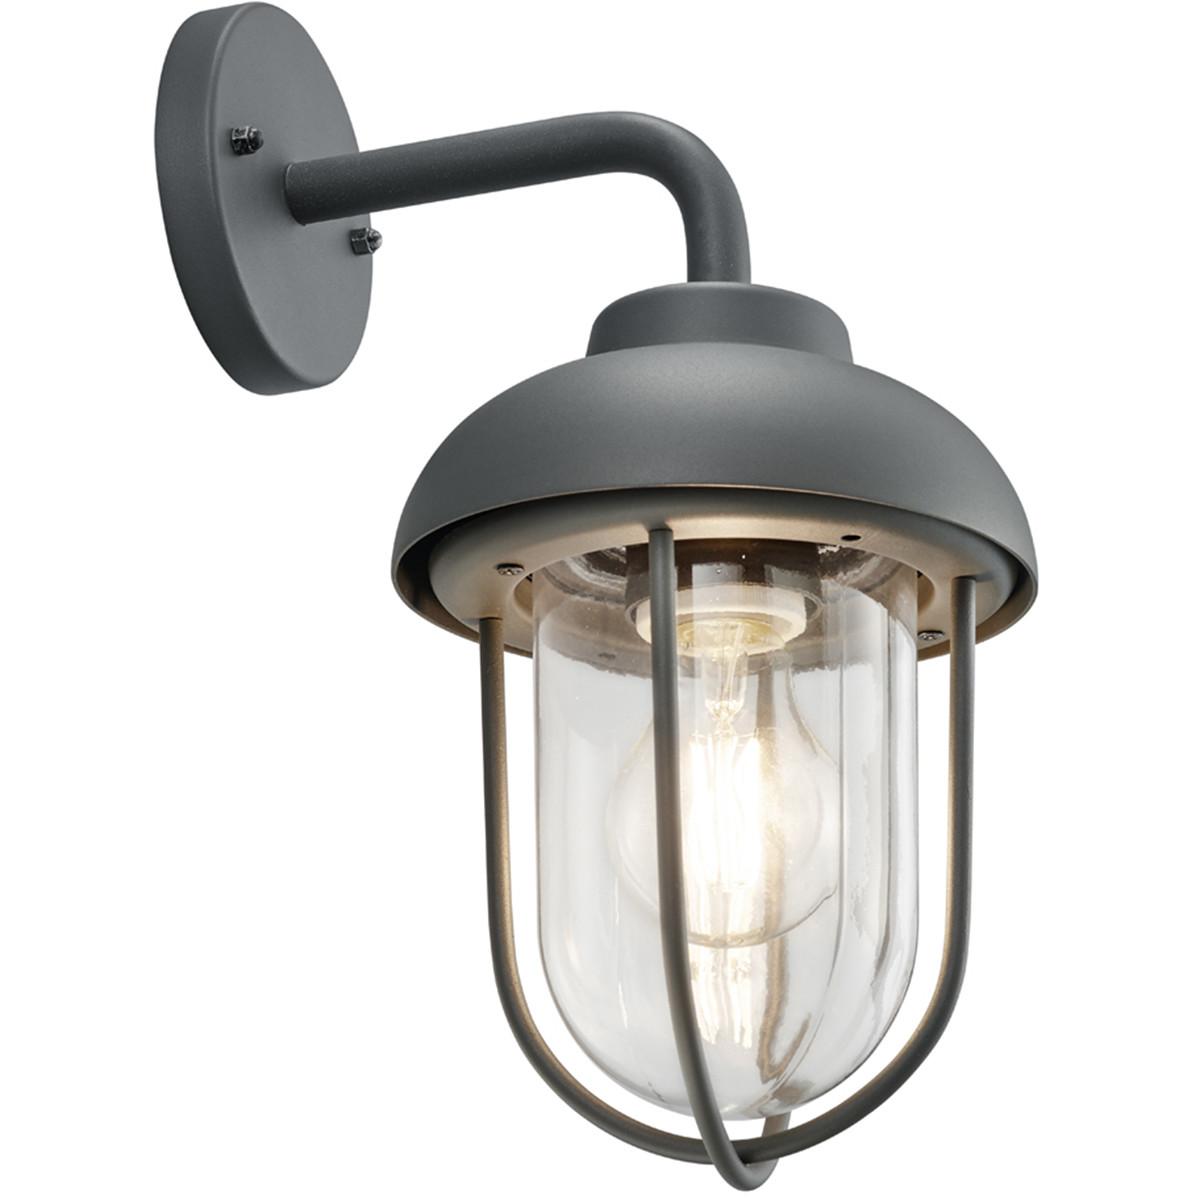 LED Tuinverlichting - Tuinlamp - Trion Dereuri - Wand - E27 Fitting - Antraciet - Aluminium